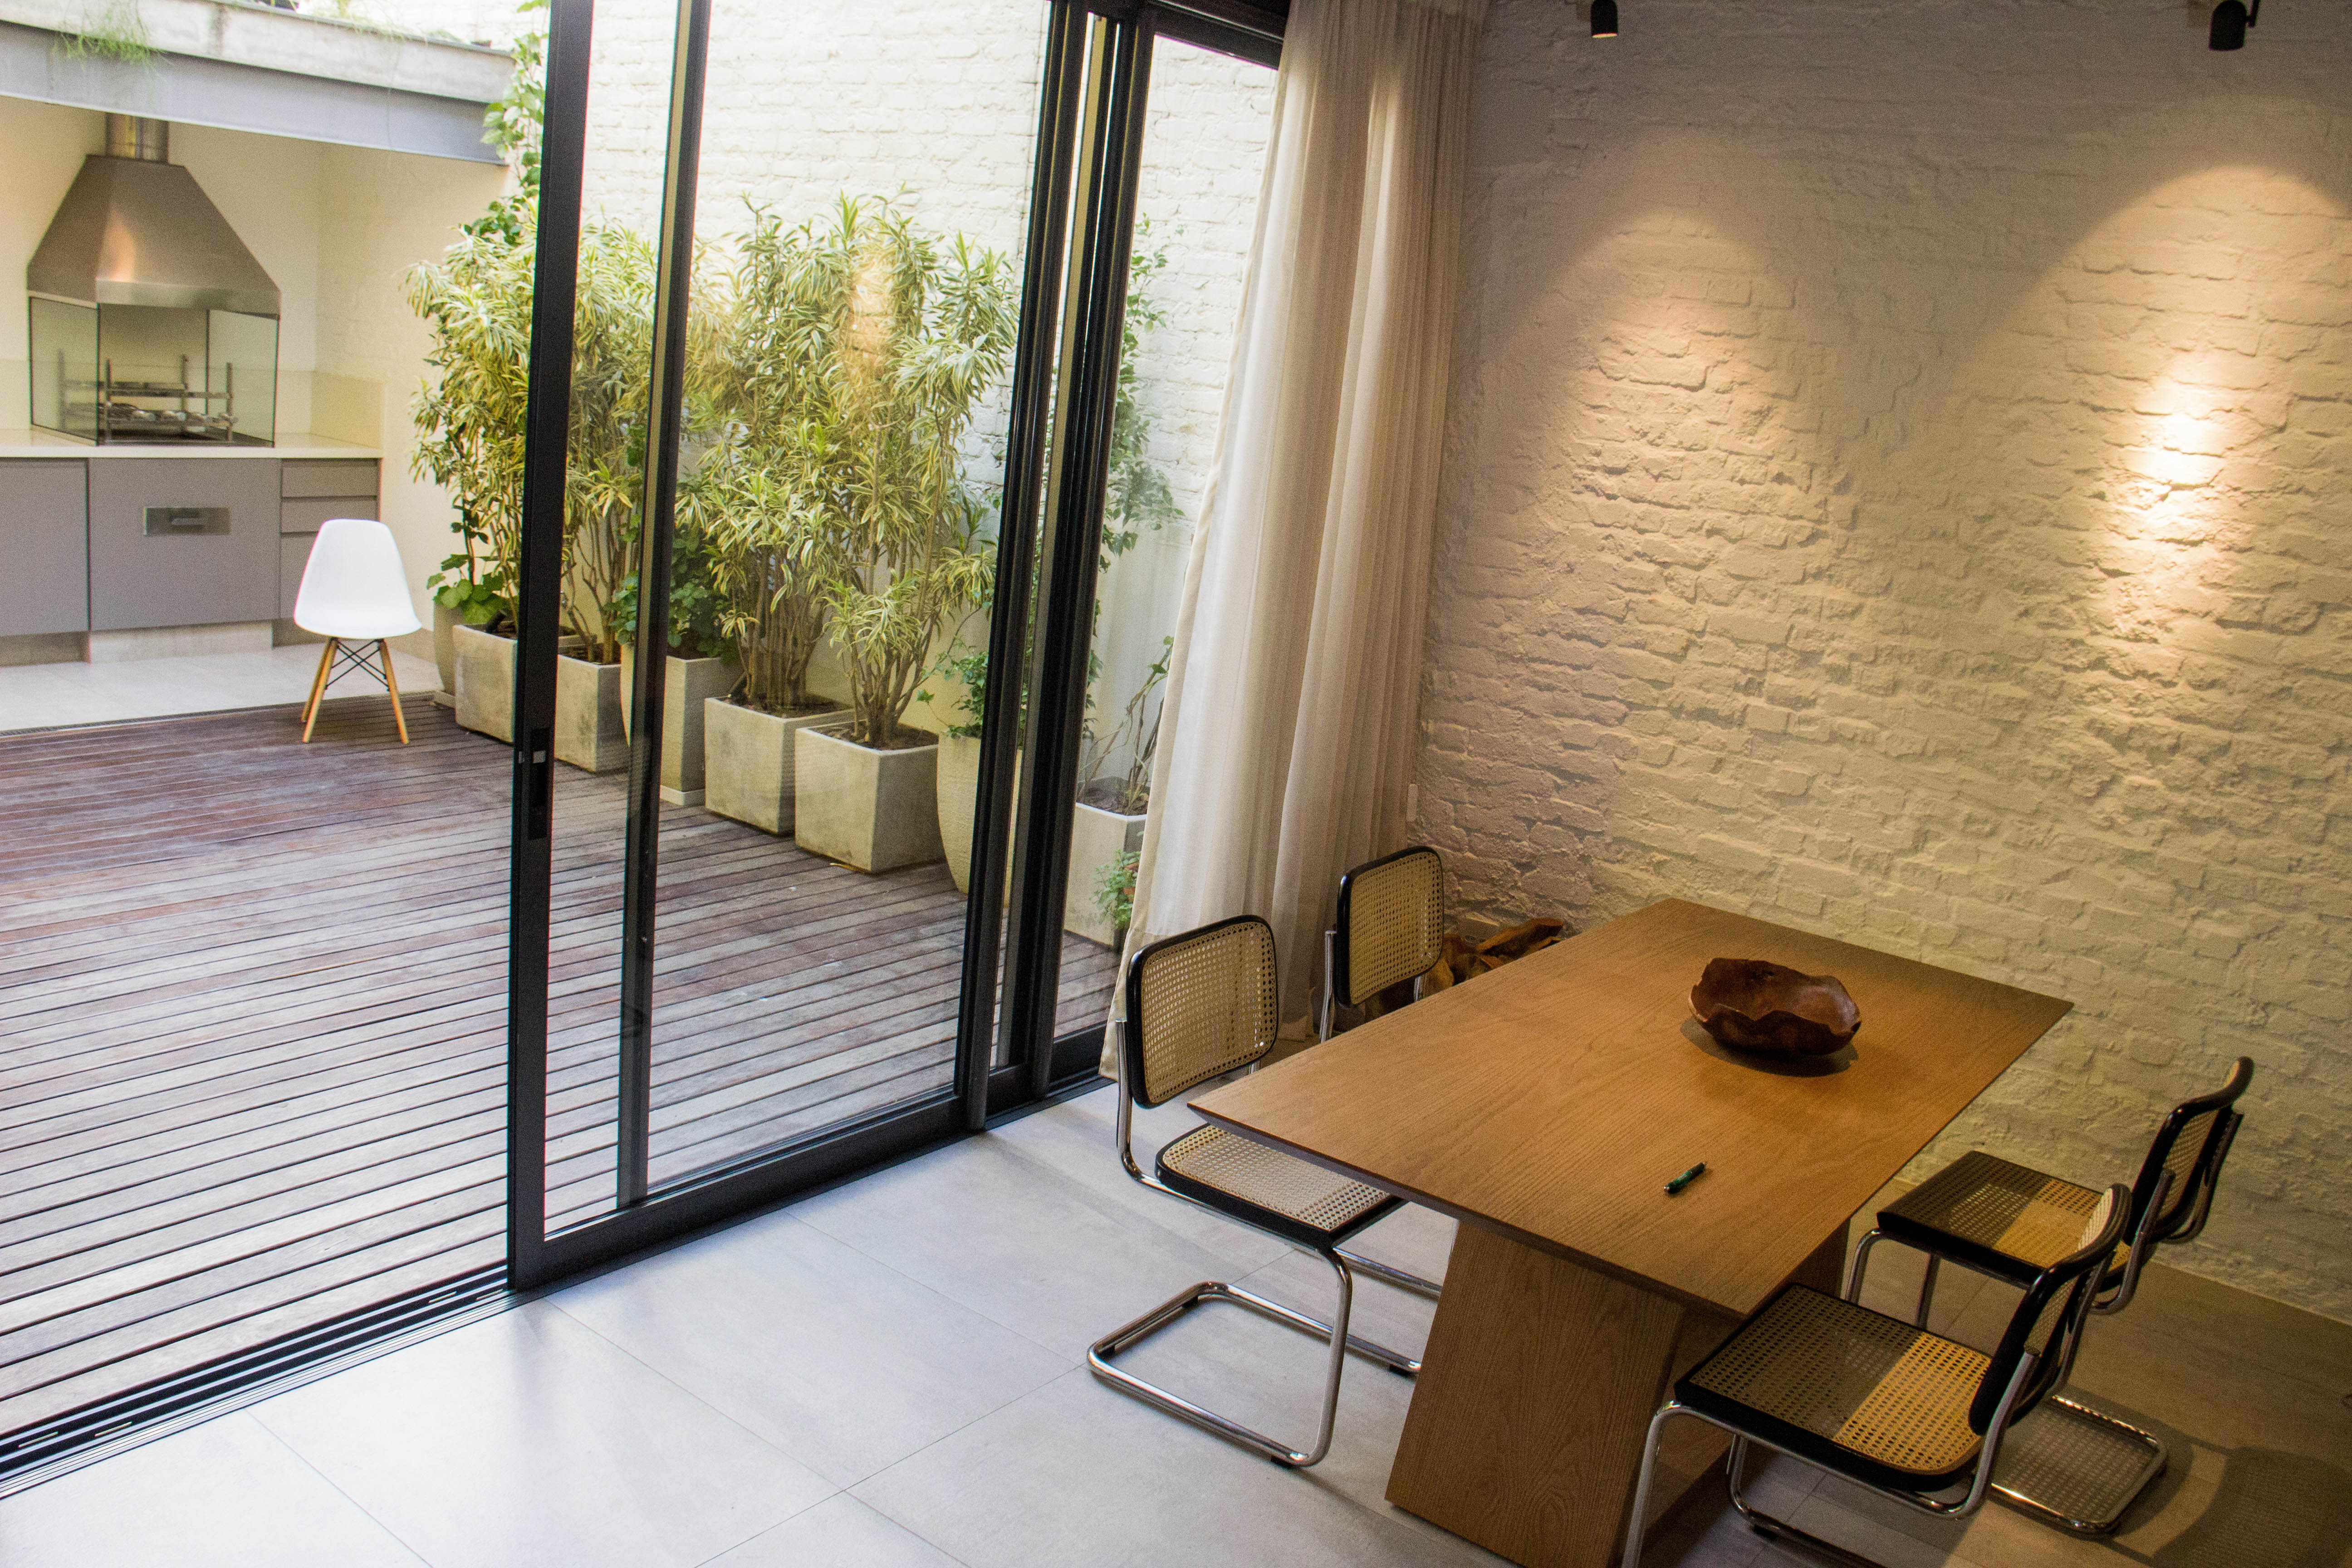 Casa_Baumann_Arquitetura_Retrofit_Patrimonio_Cultural_Restauro_Reforma_Construção_Sustentável_17-lev